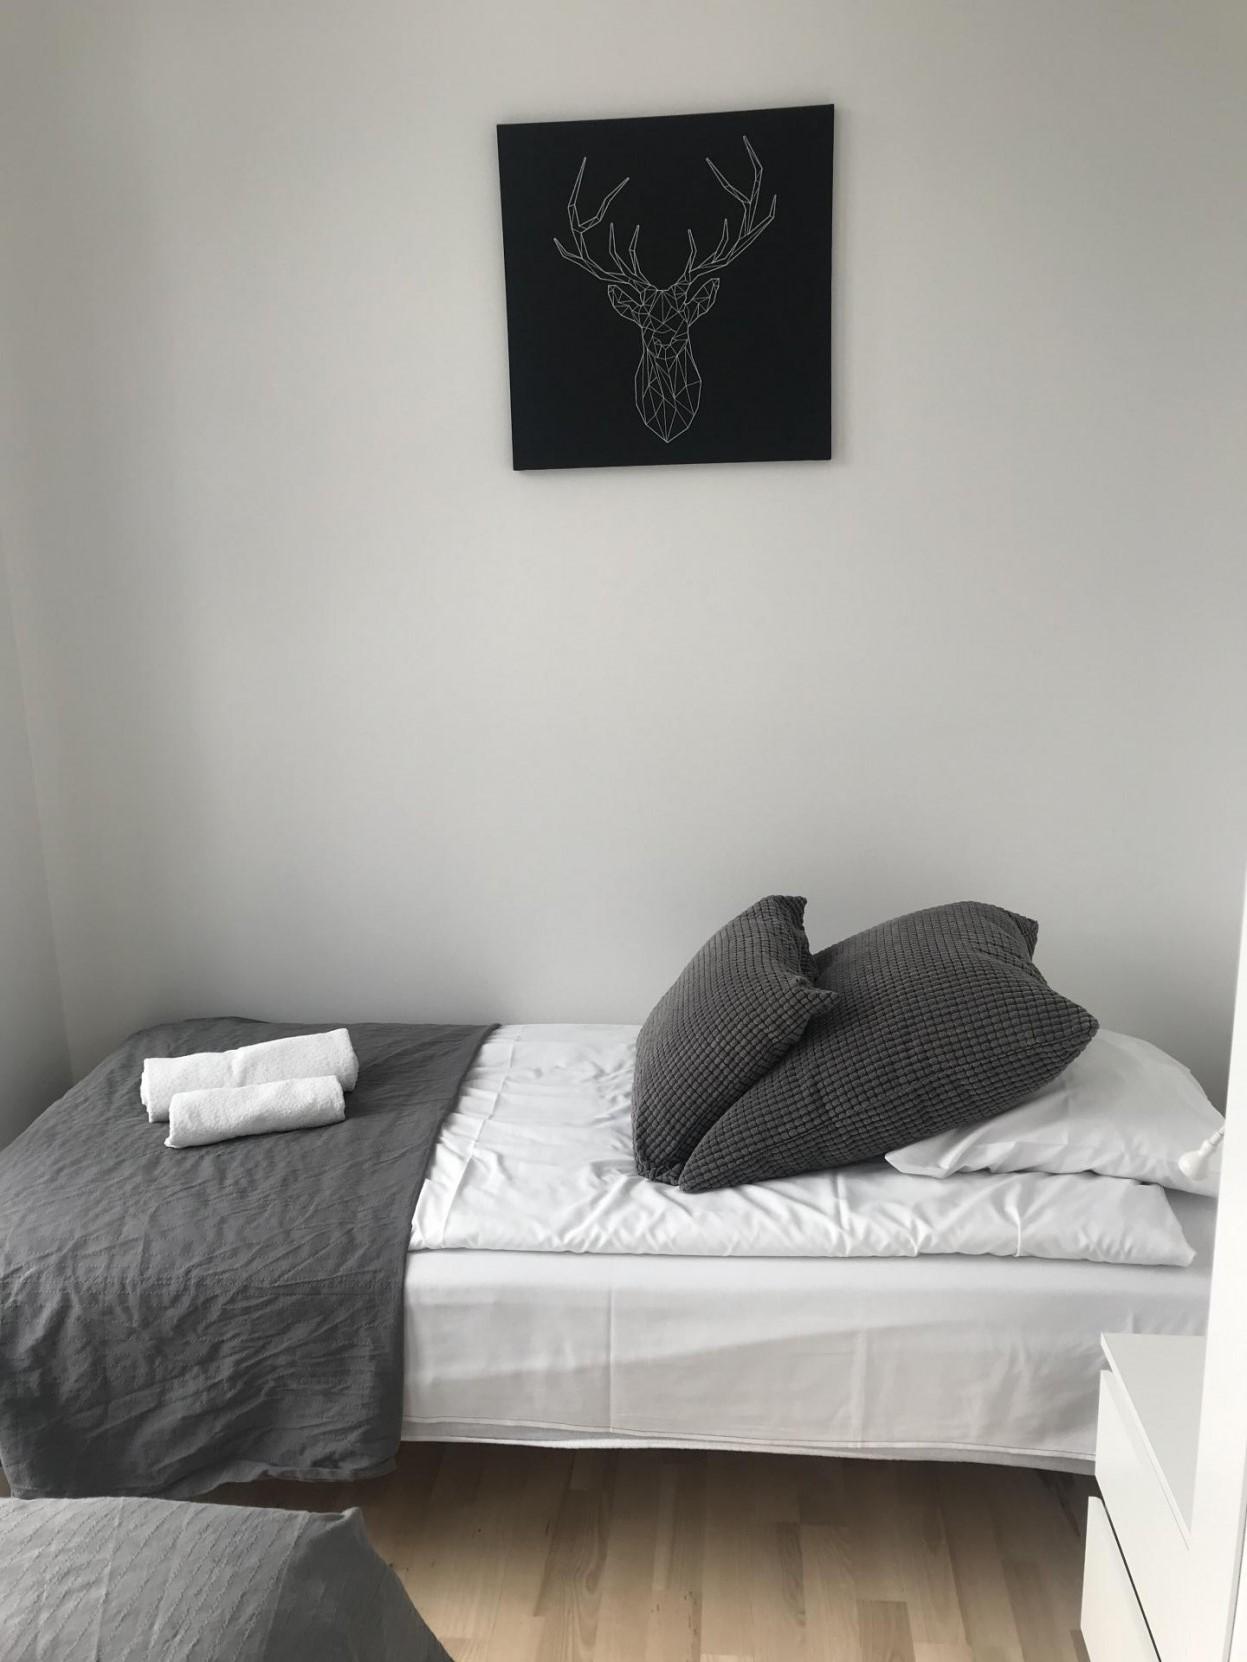 Bed at Ben Webster Vej Apartments, Sydhavnen, Copenhagen